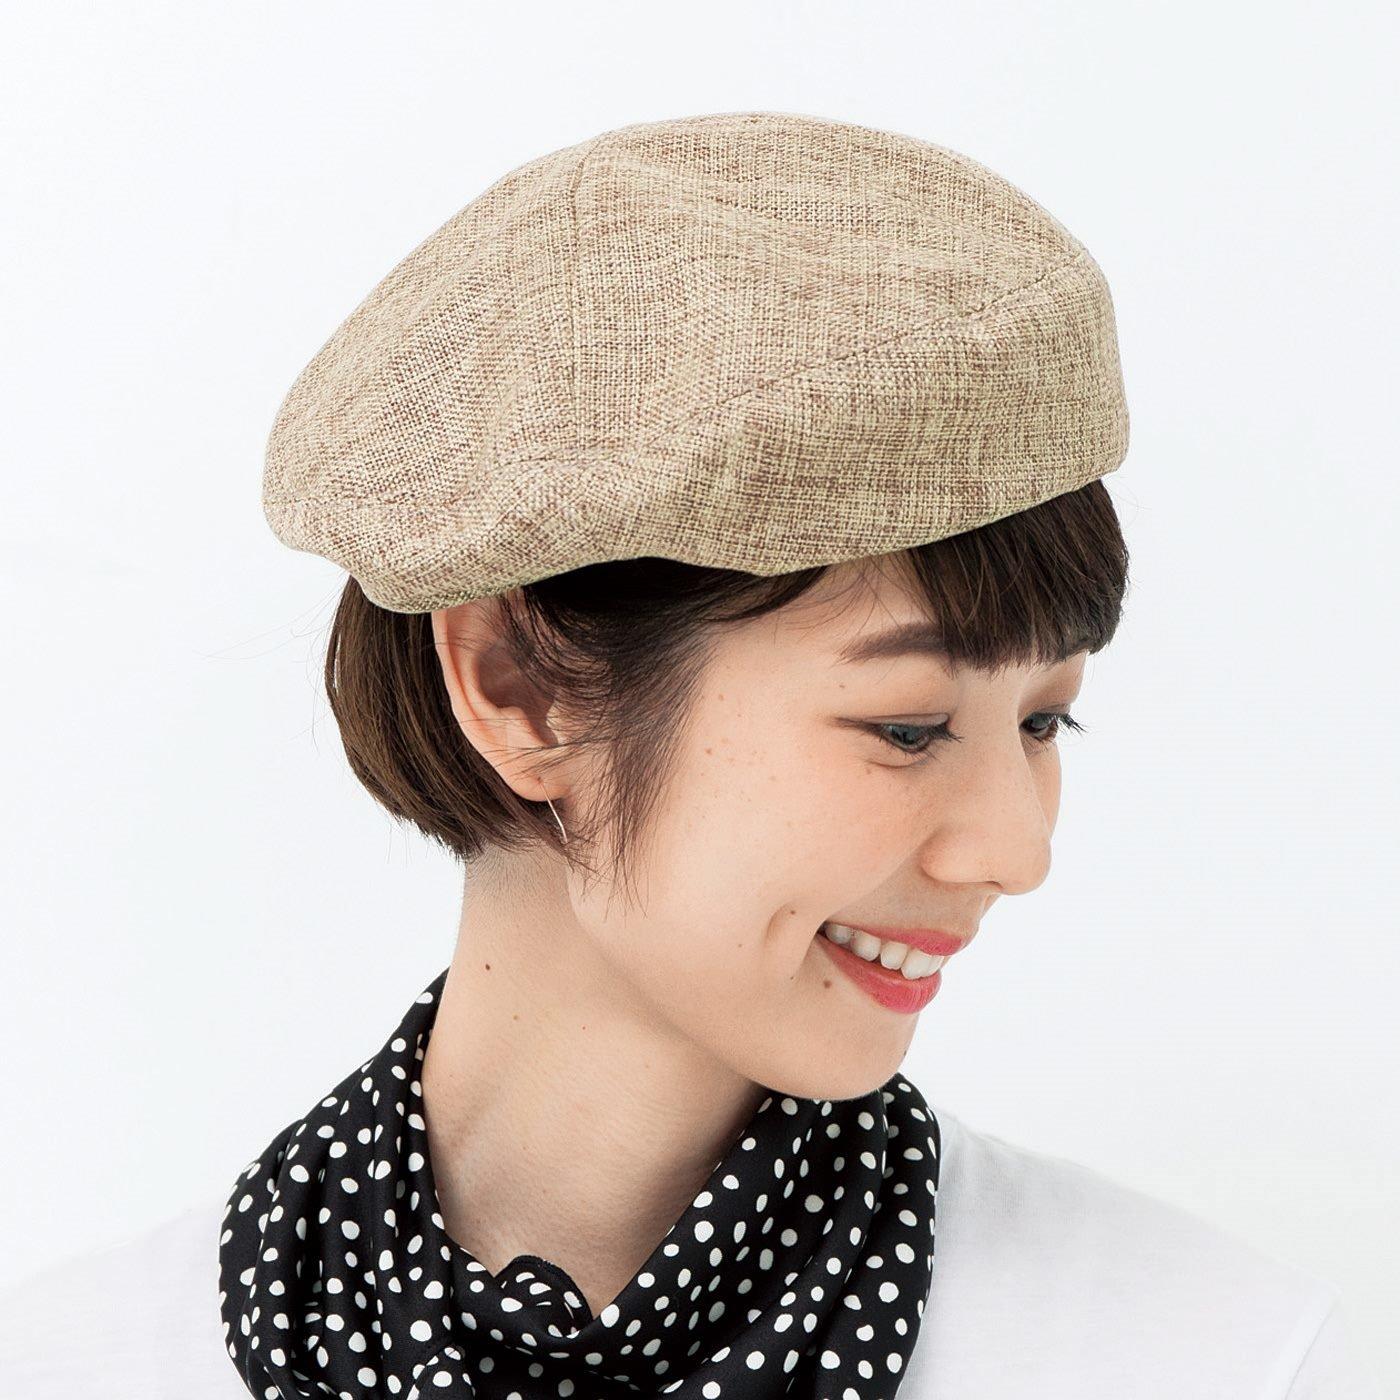 軽やかフィットでずれにくい 風通る涼やかベレー帽